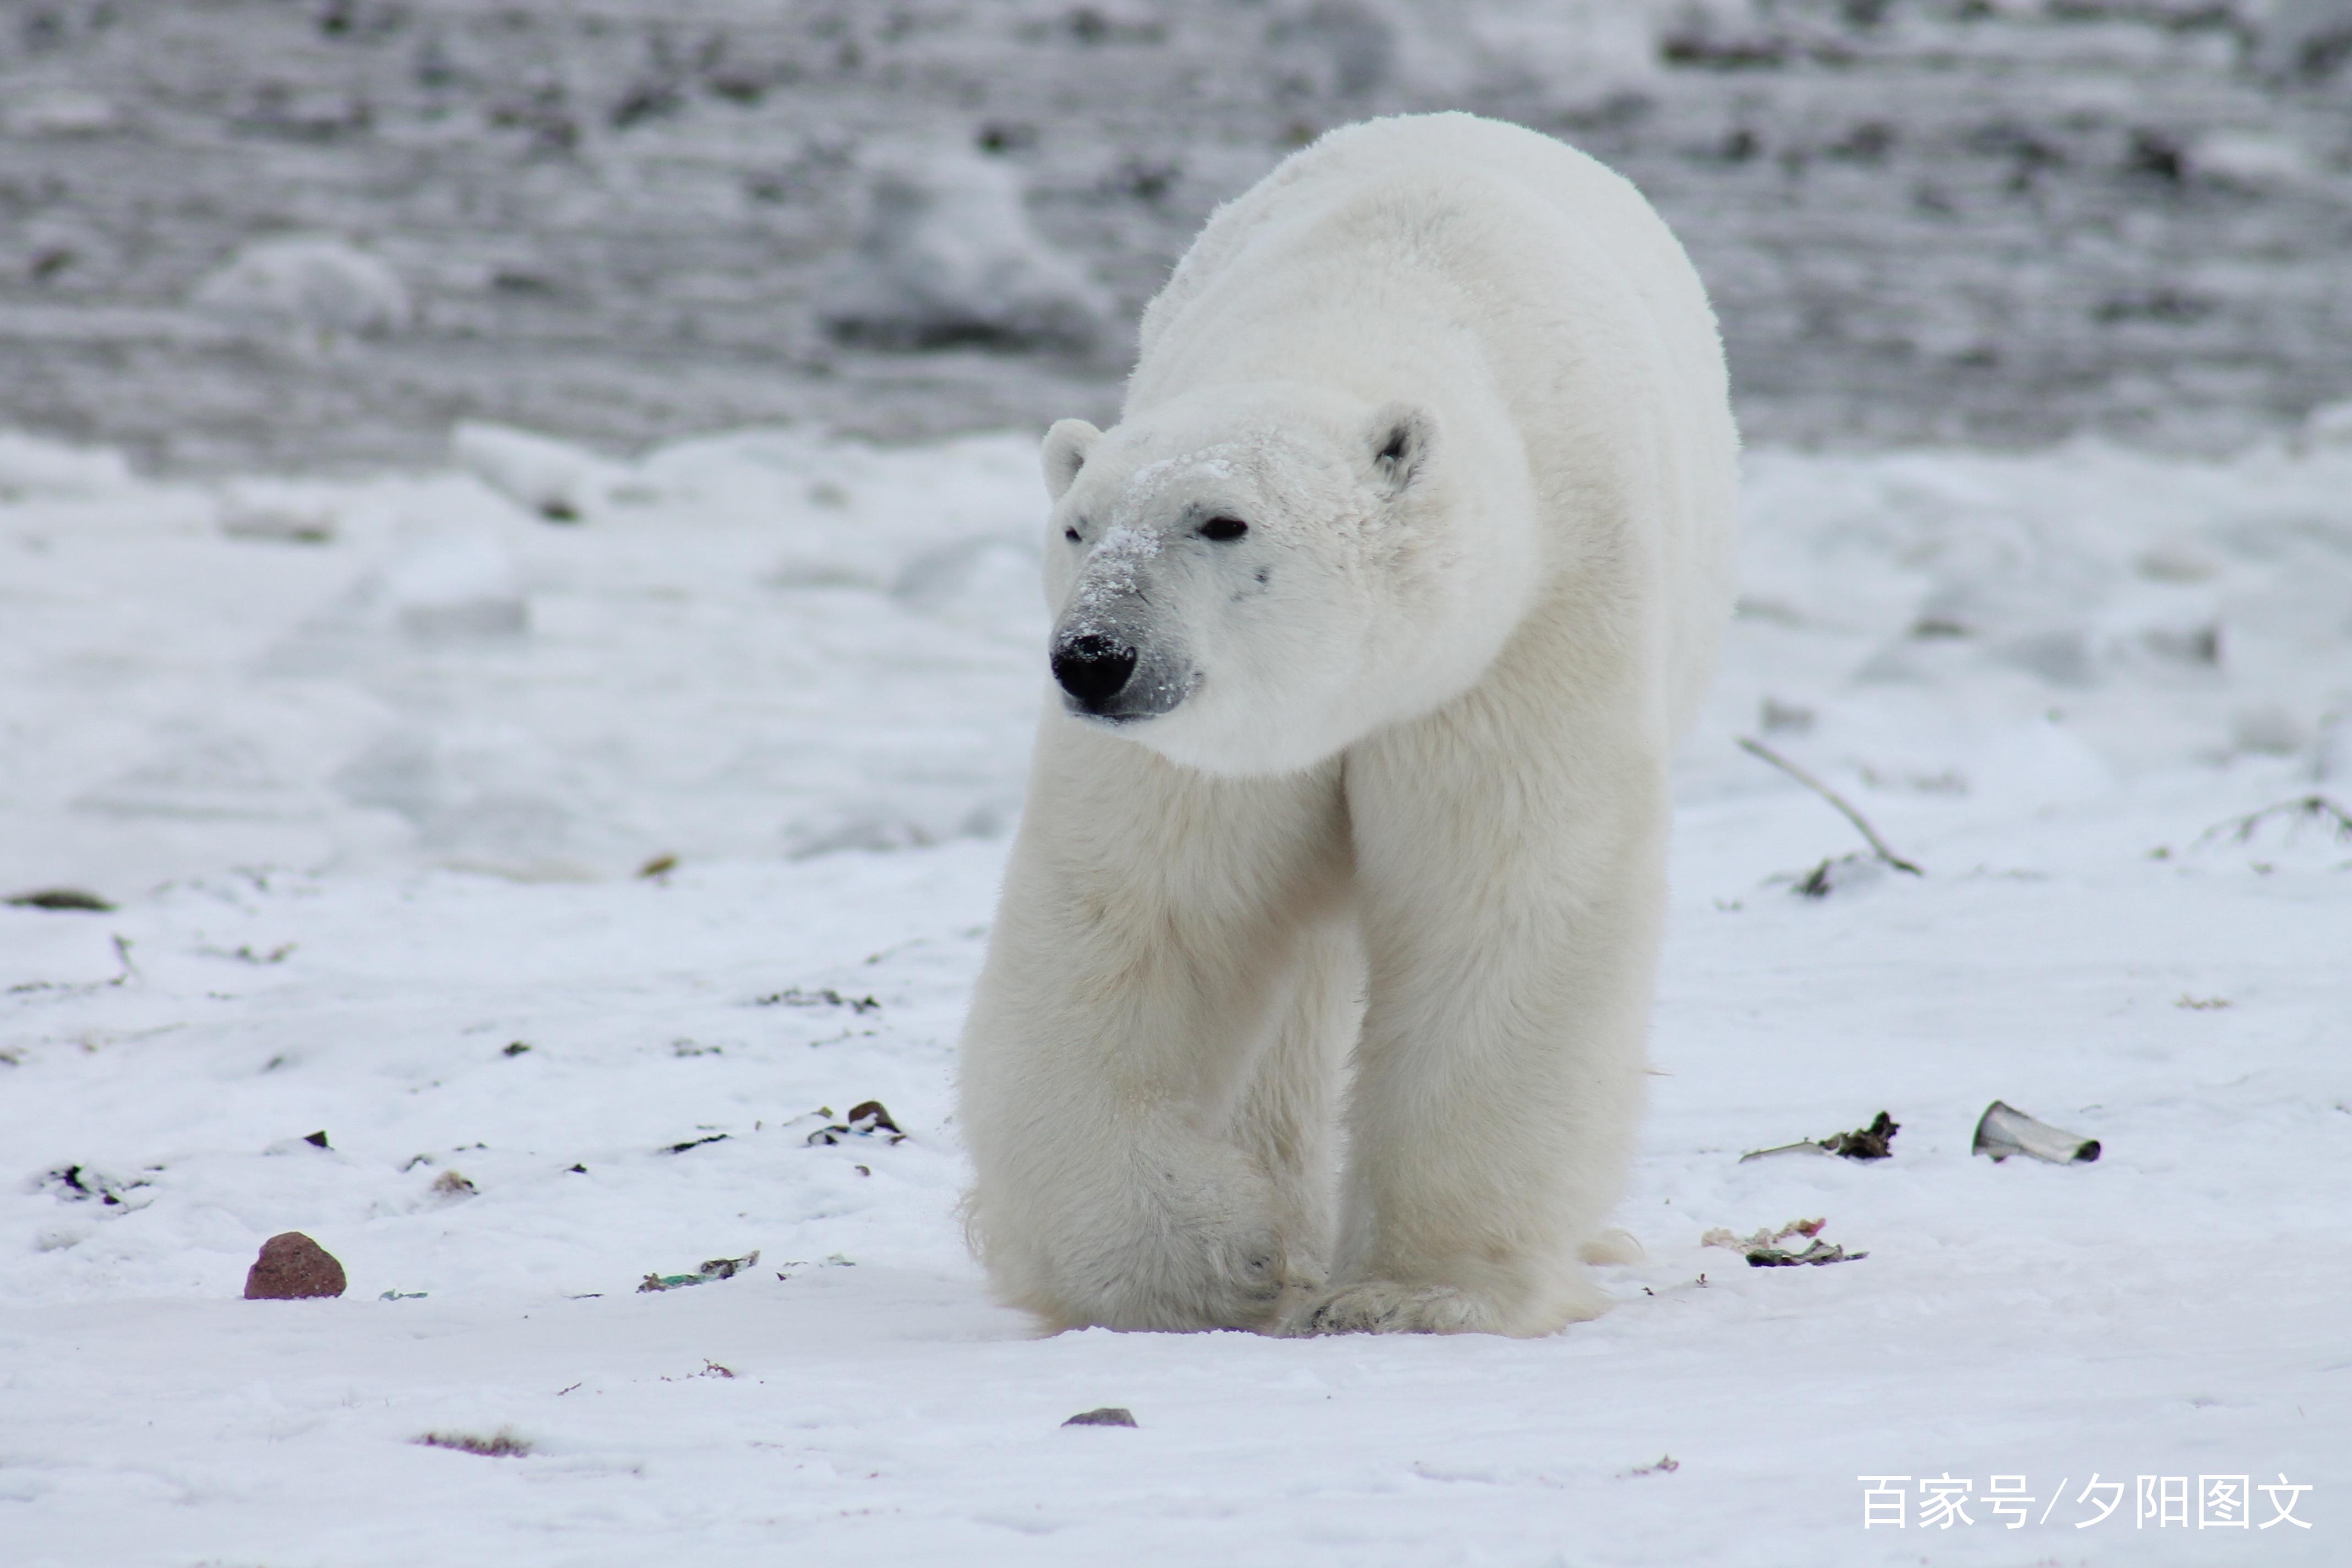 北极熊担忧狮子引人生存现状脸的电视剧叫什么名字图片